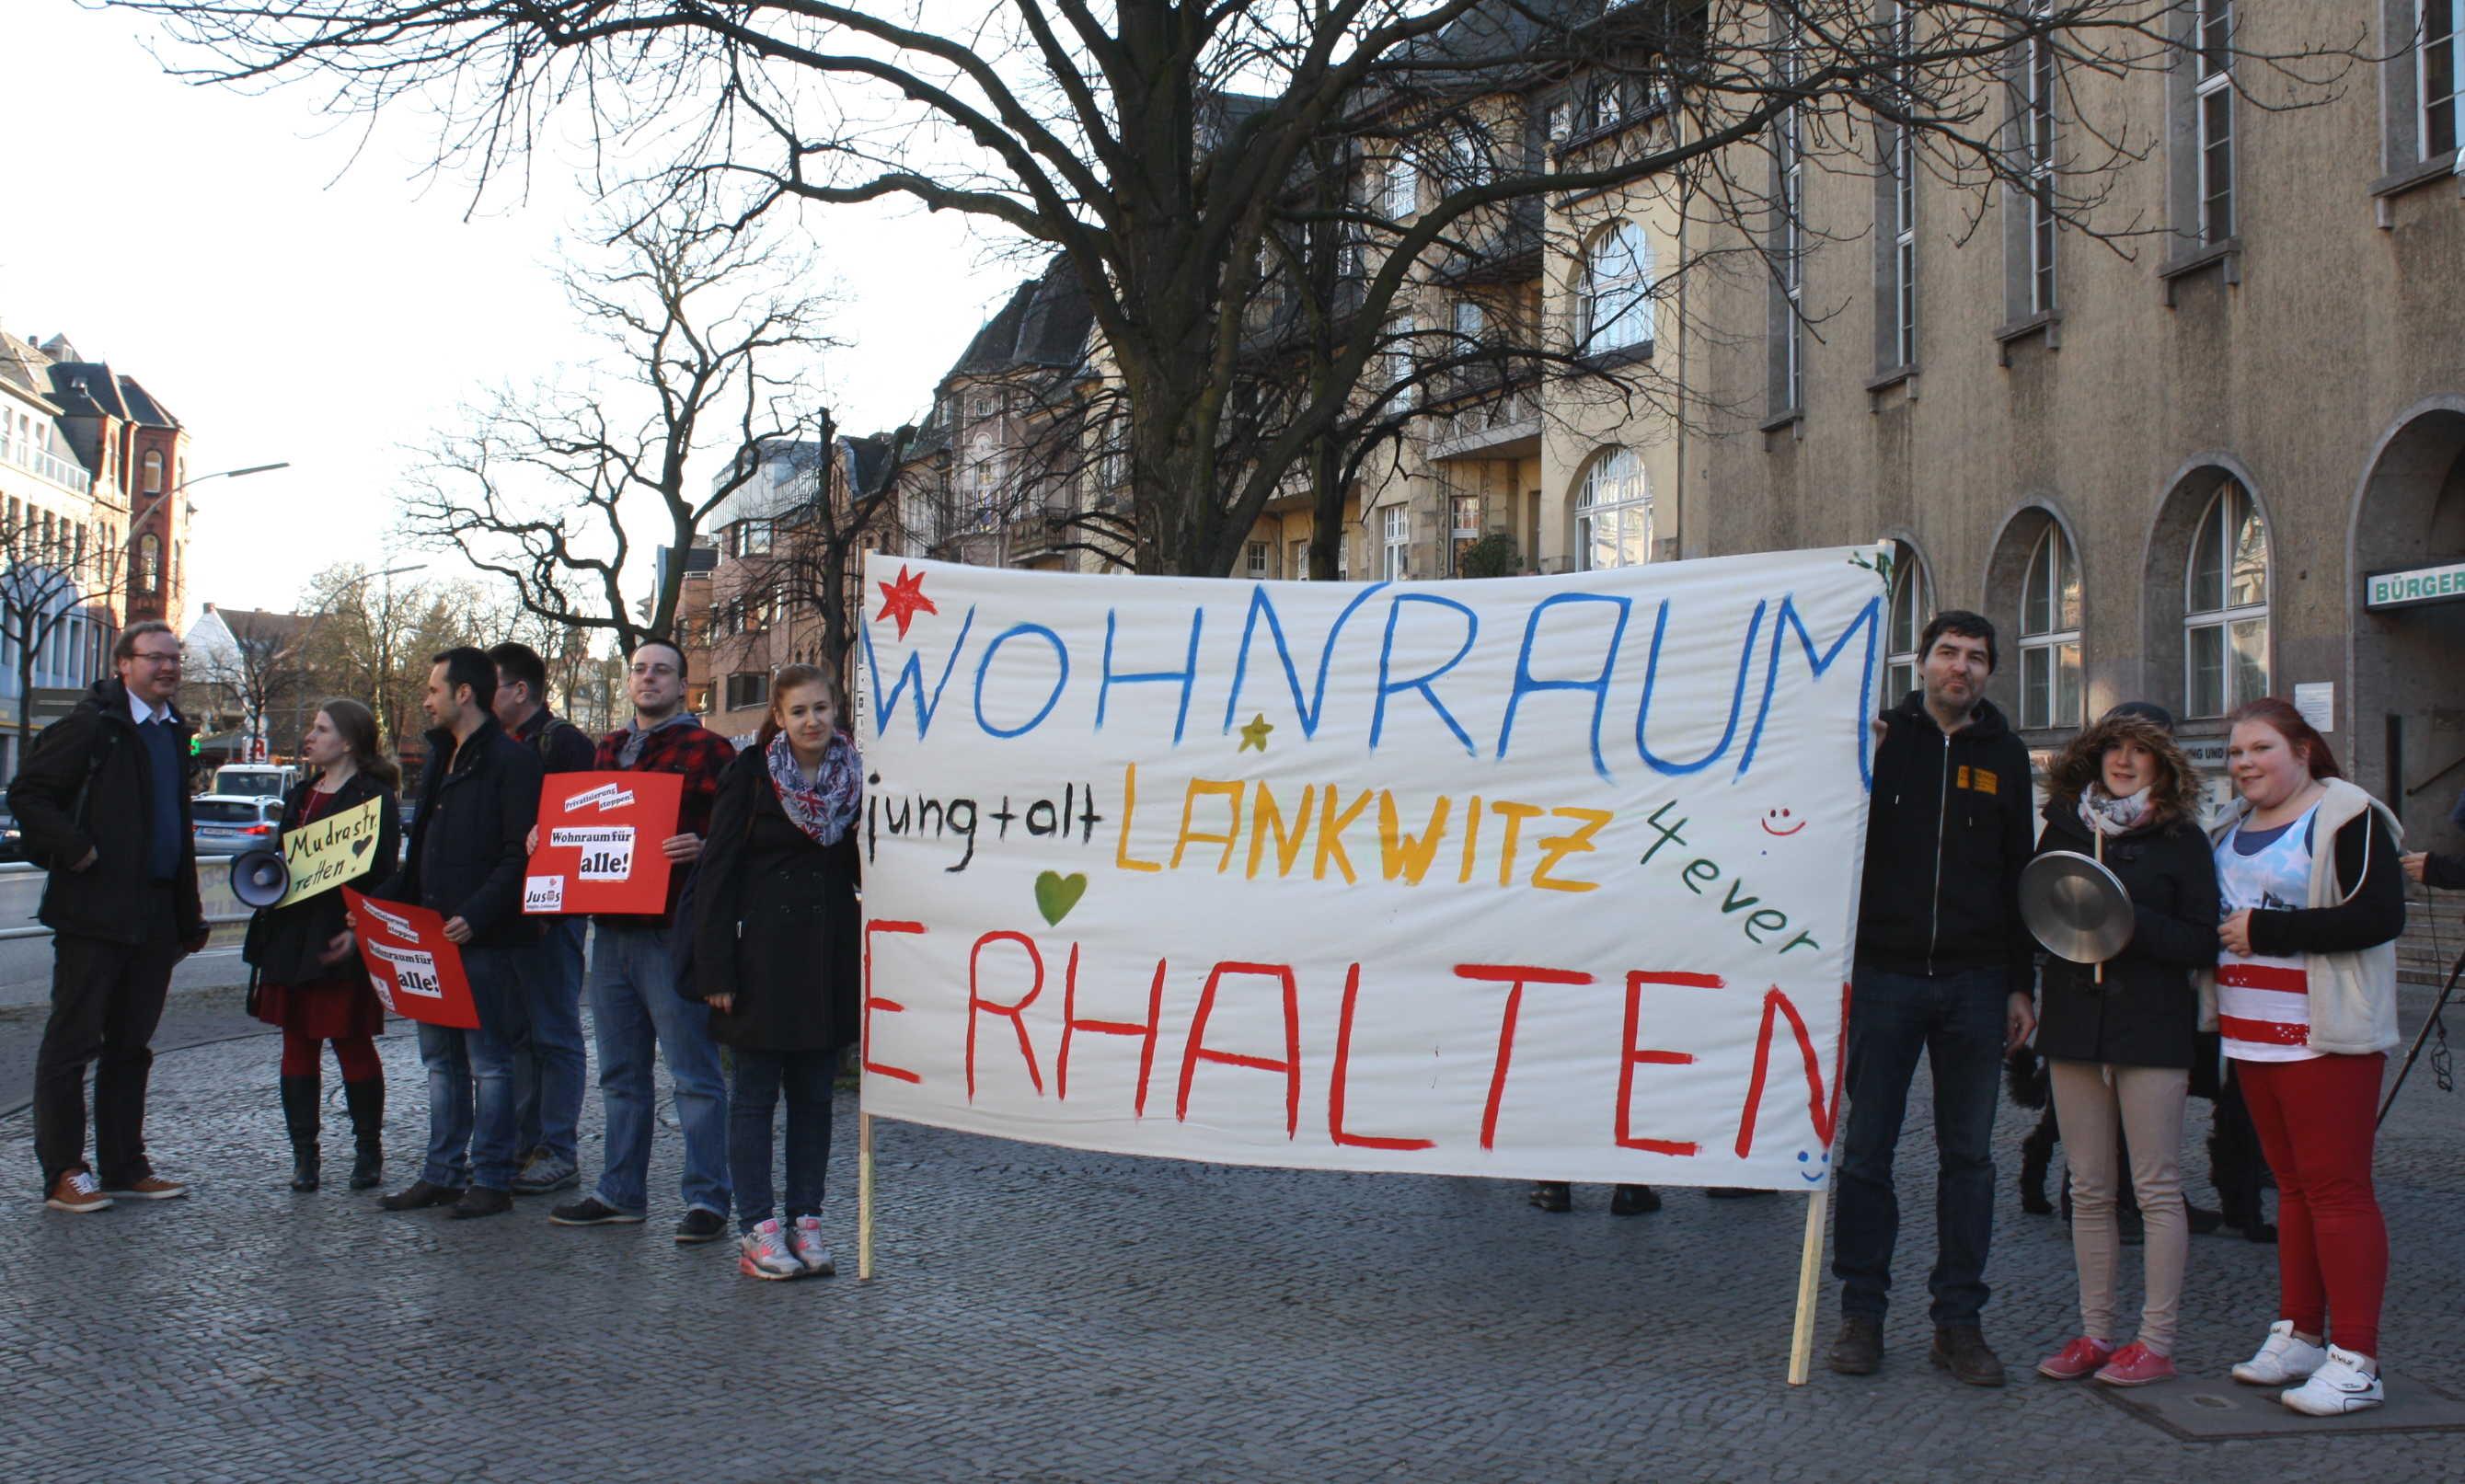 Lankwitzer demonstrieren für Erhalt der Seniorenwohnungen / BVV lehnt Anträge ab